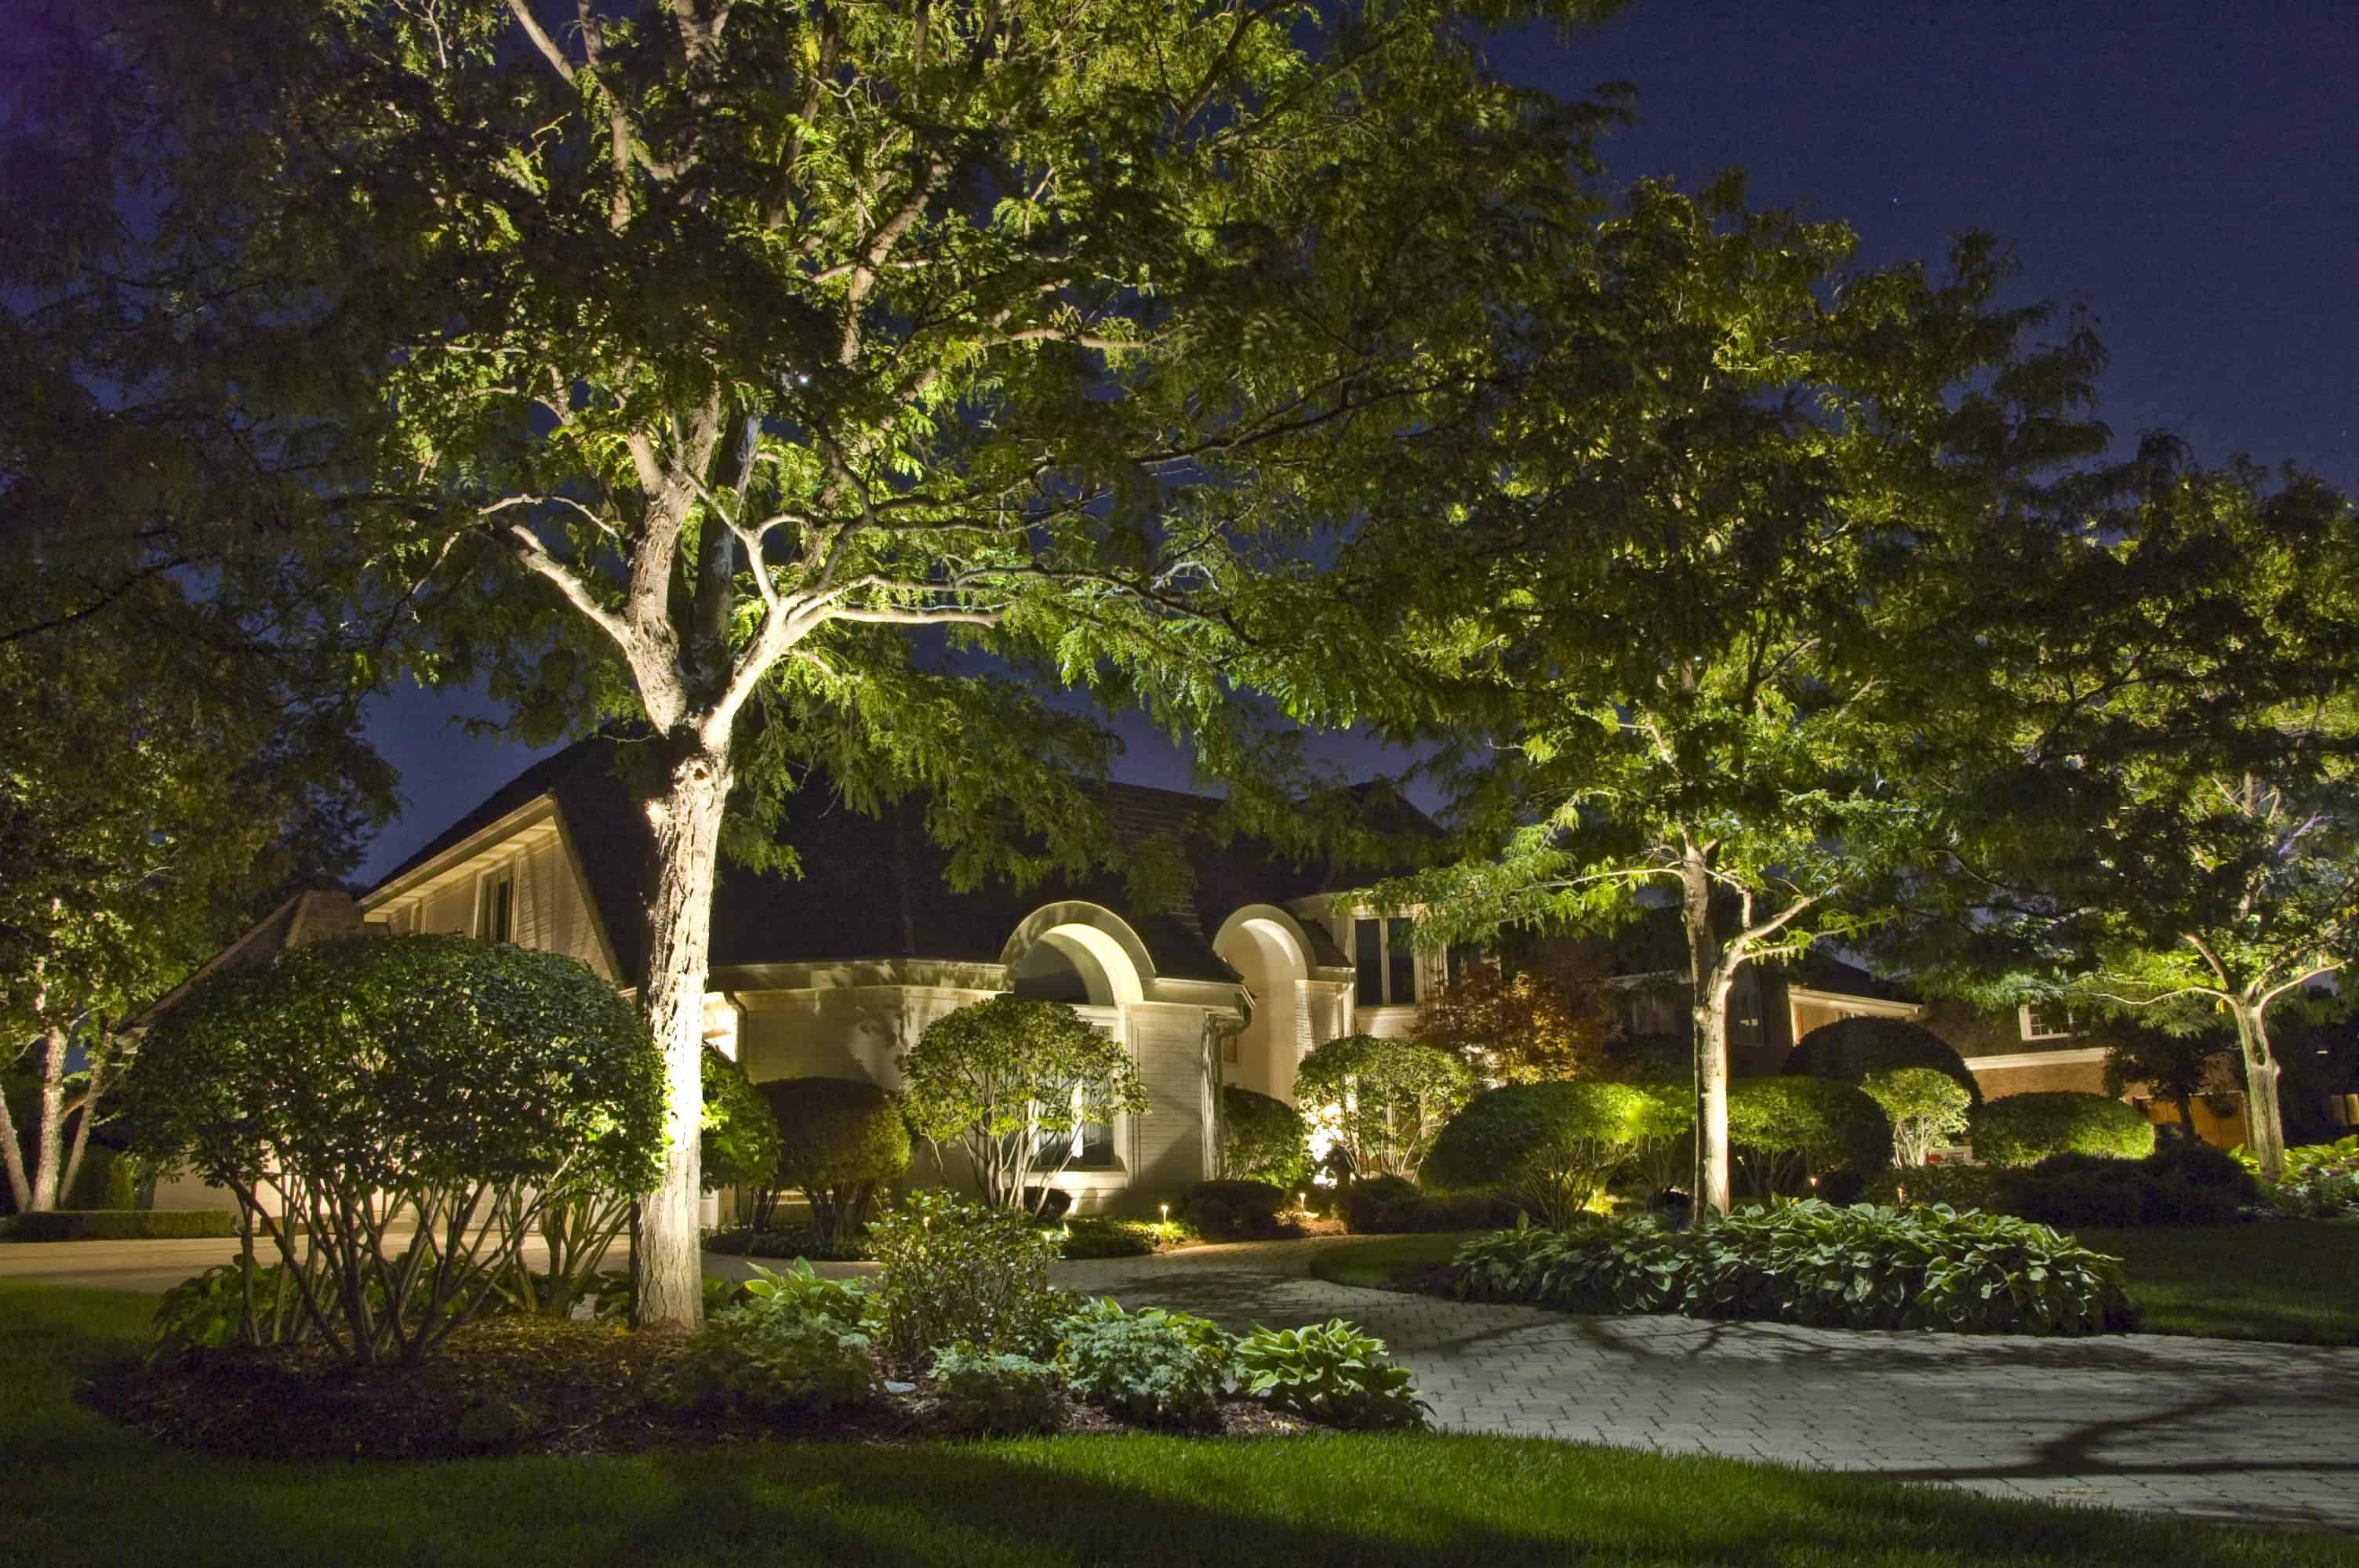 Moon Lighting  Outdoor Lighting in Chicago IL  Outdoor